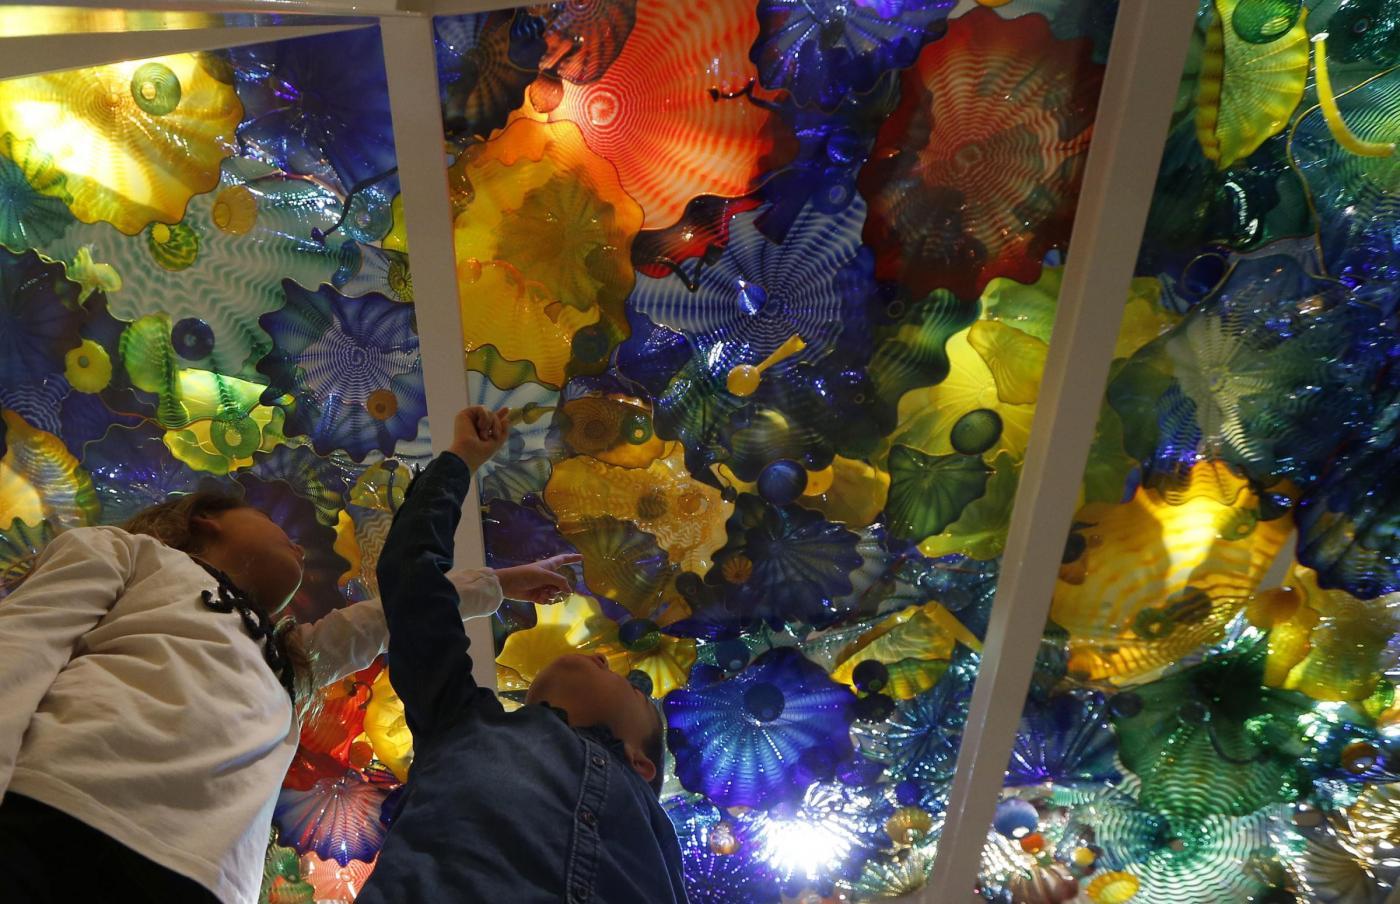 Le sculture di vetro che sembrano fondali marini 05